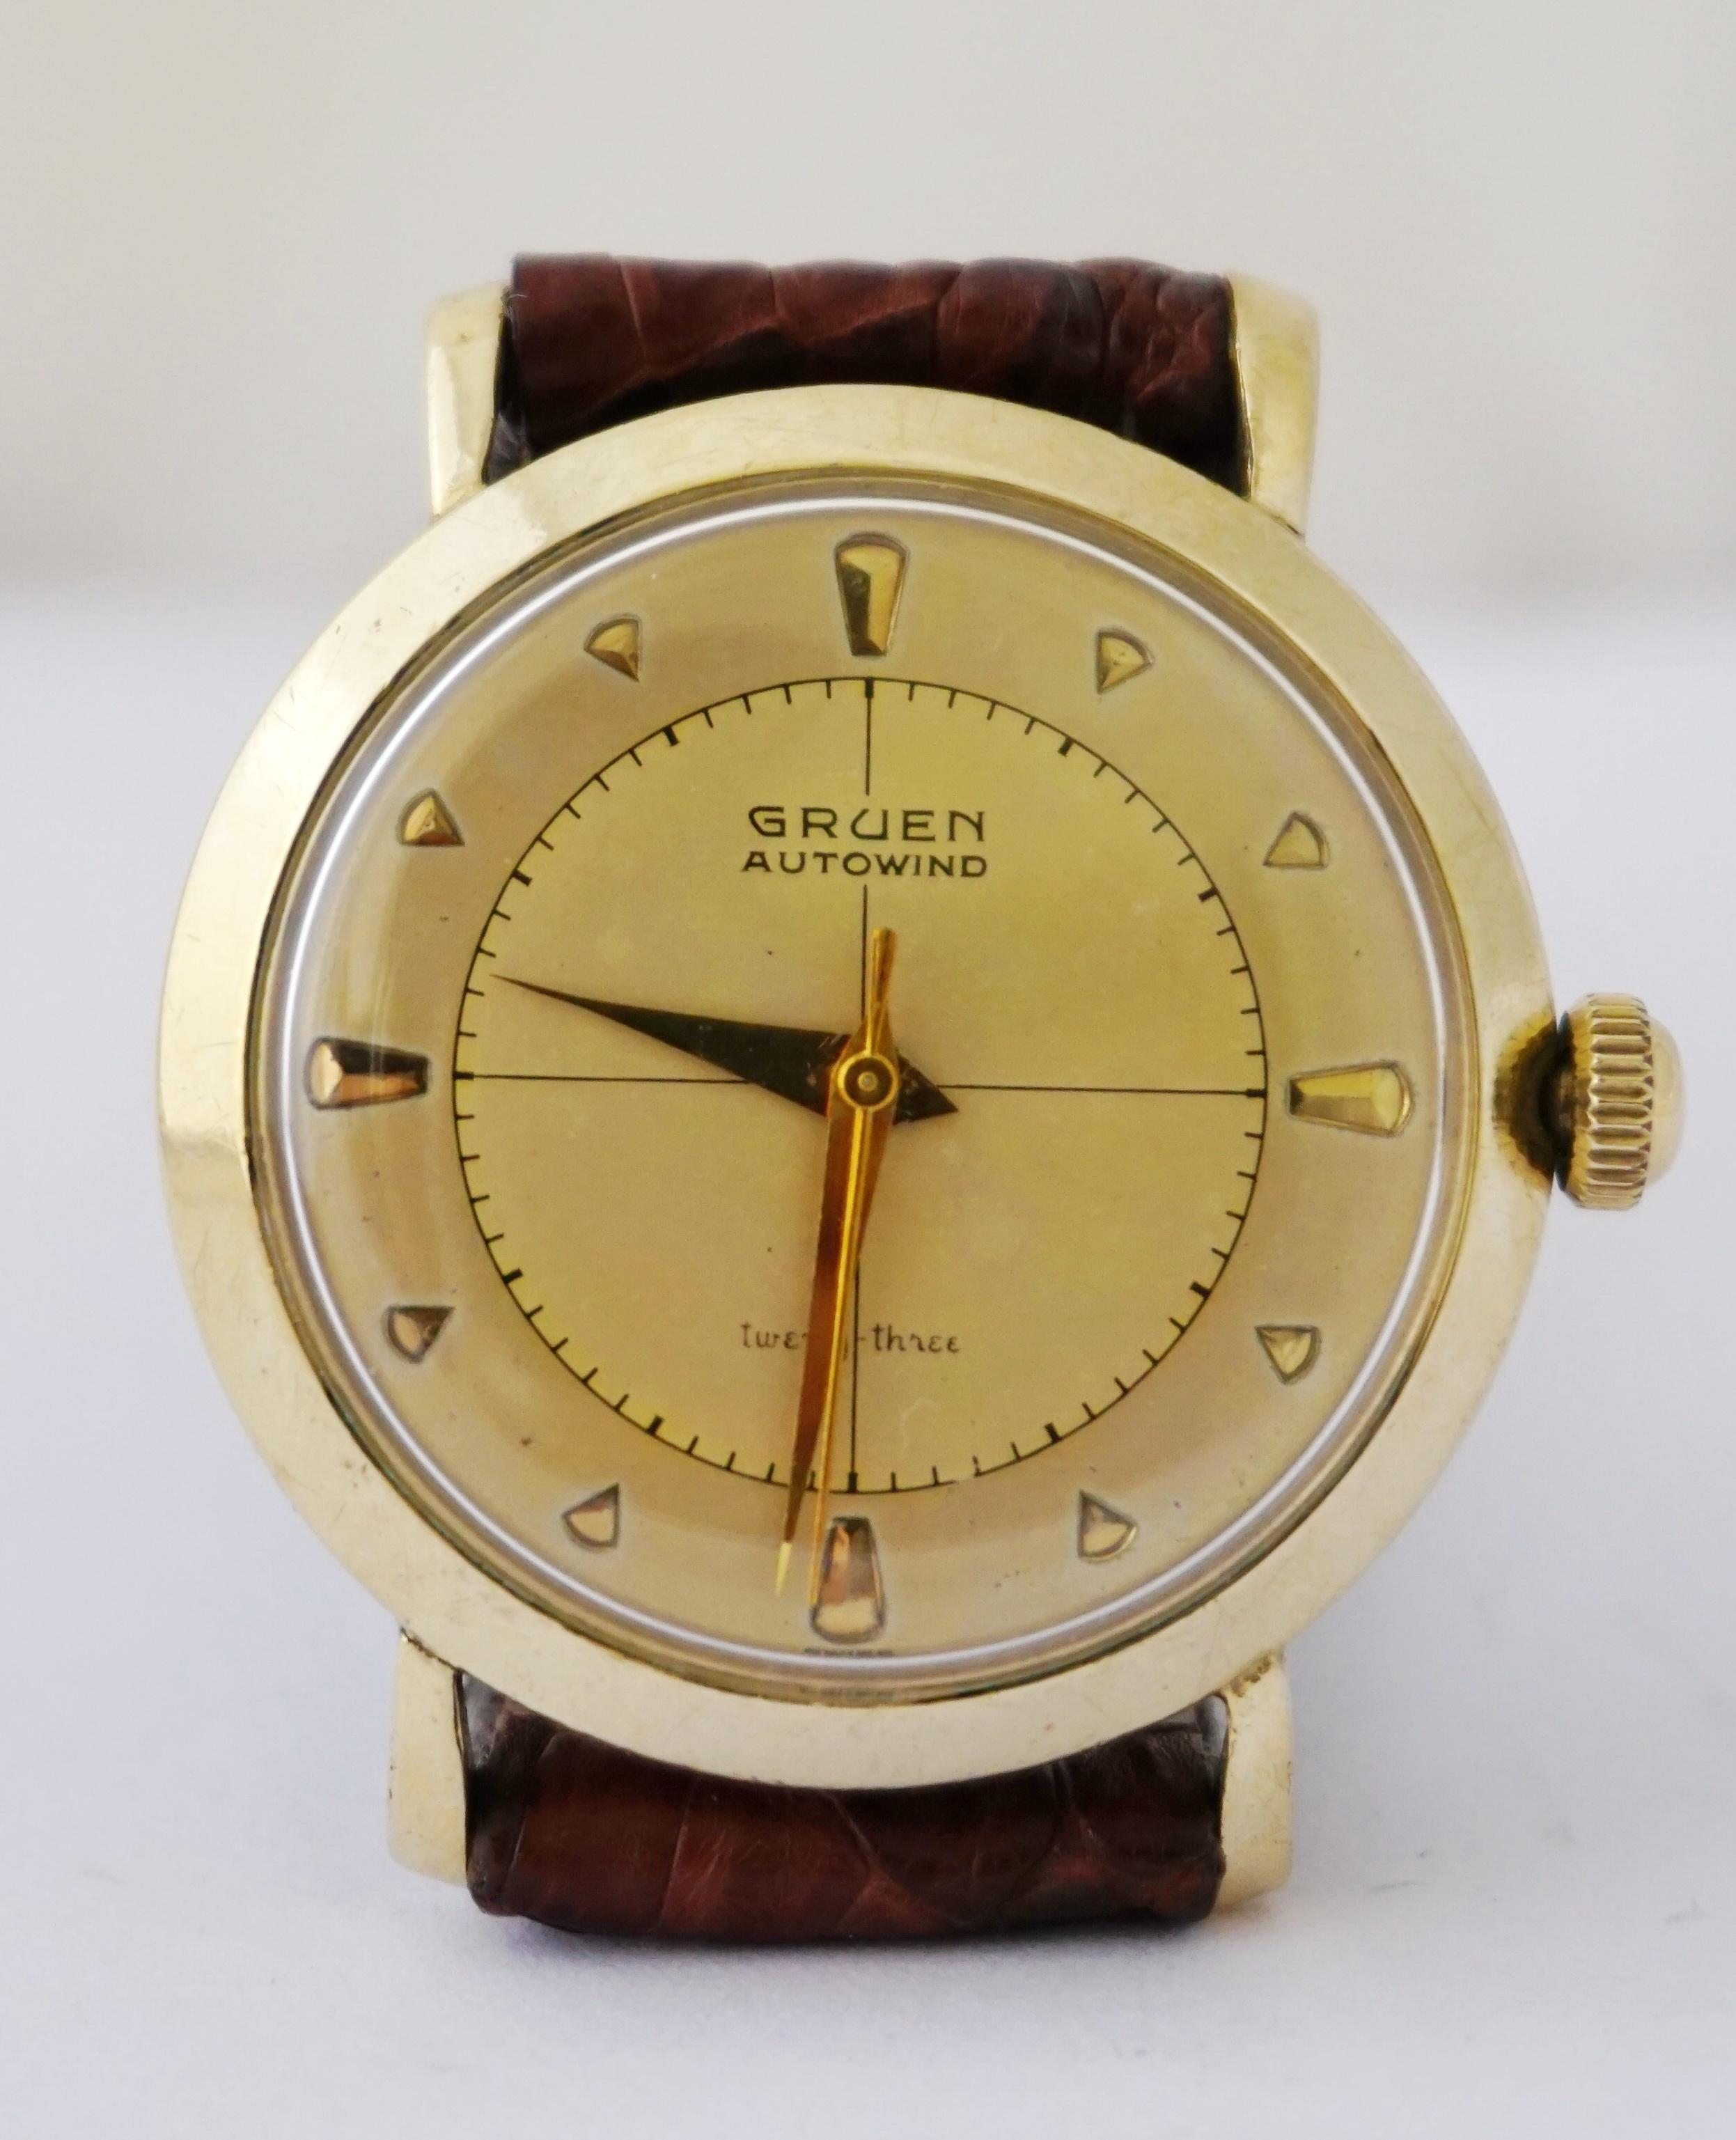 นาฬิกาเก่า GRUEN ออโตเมติก